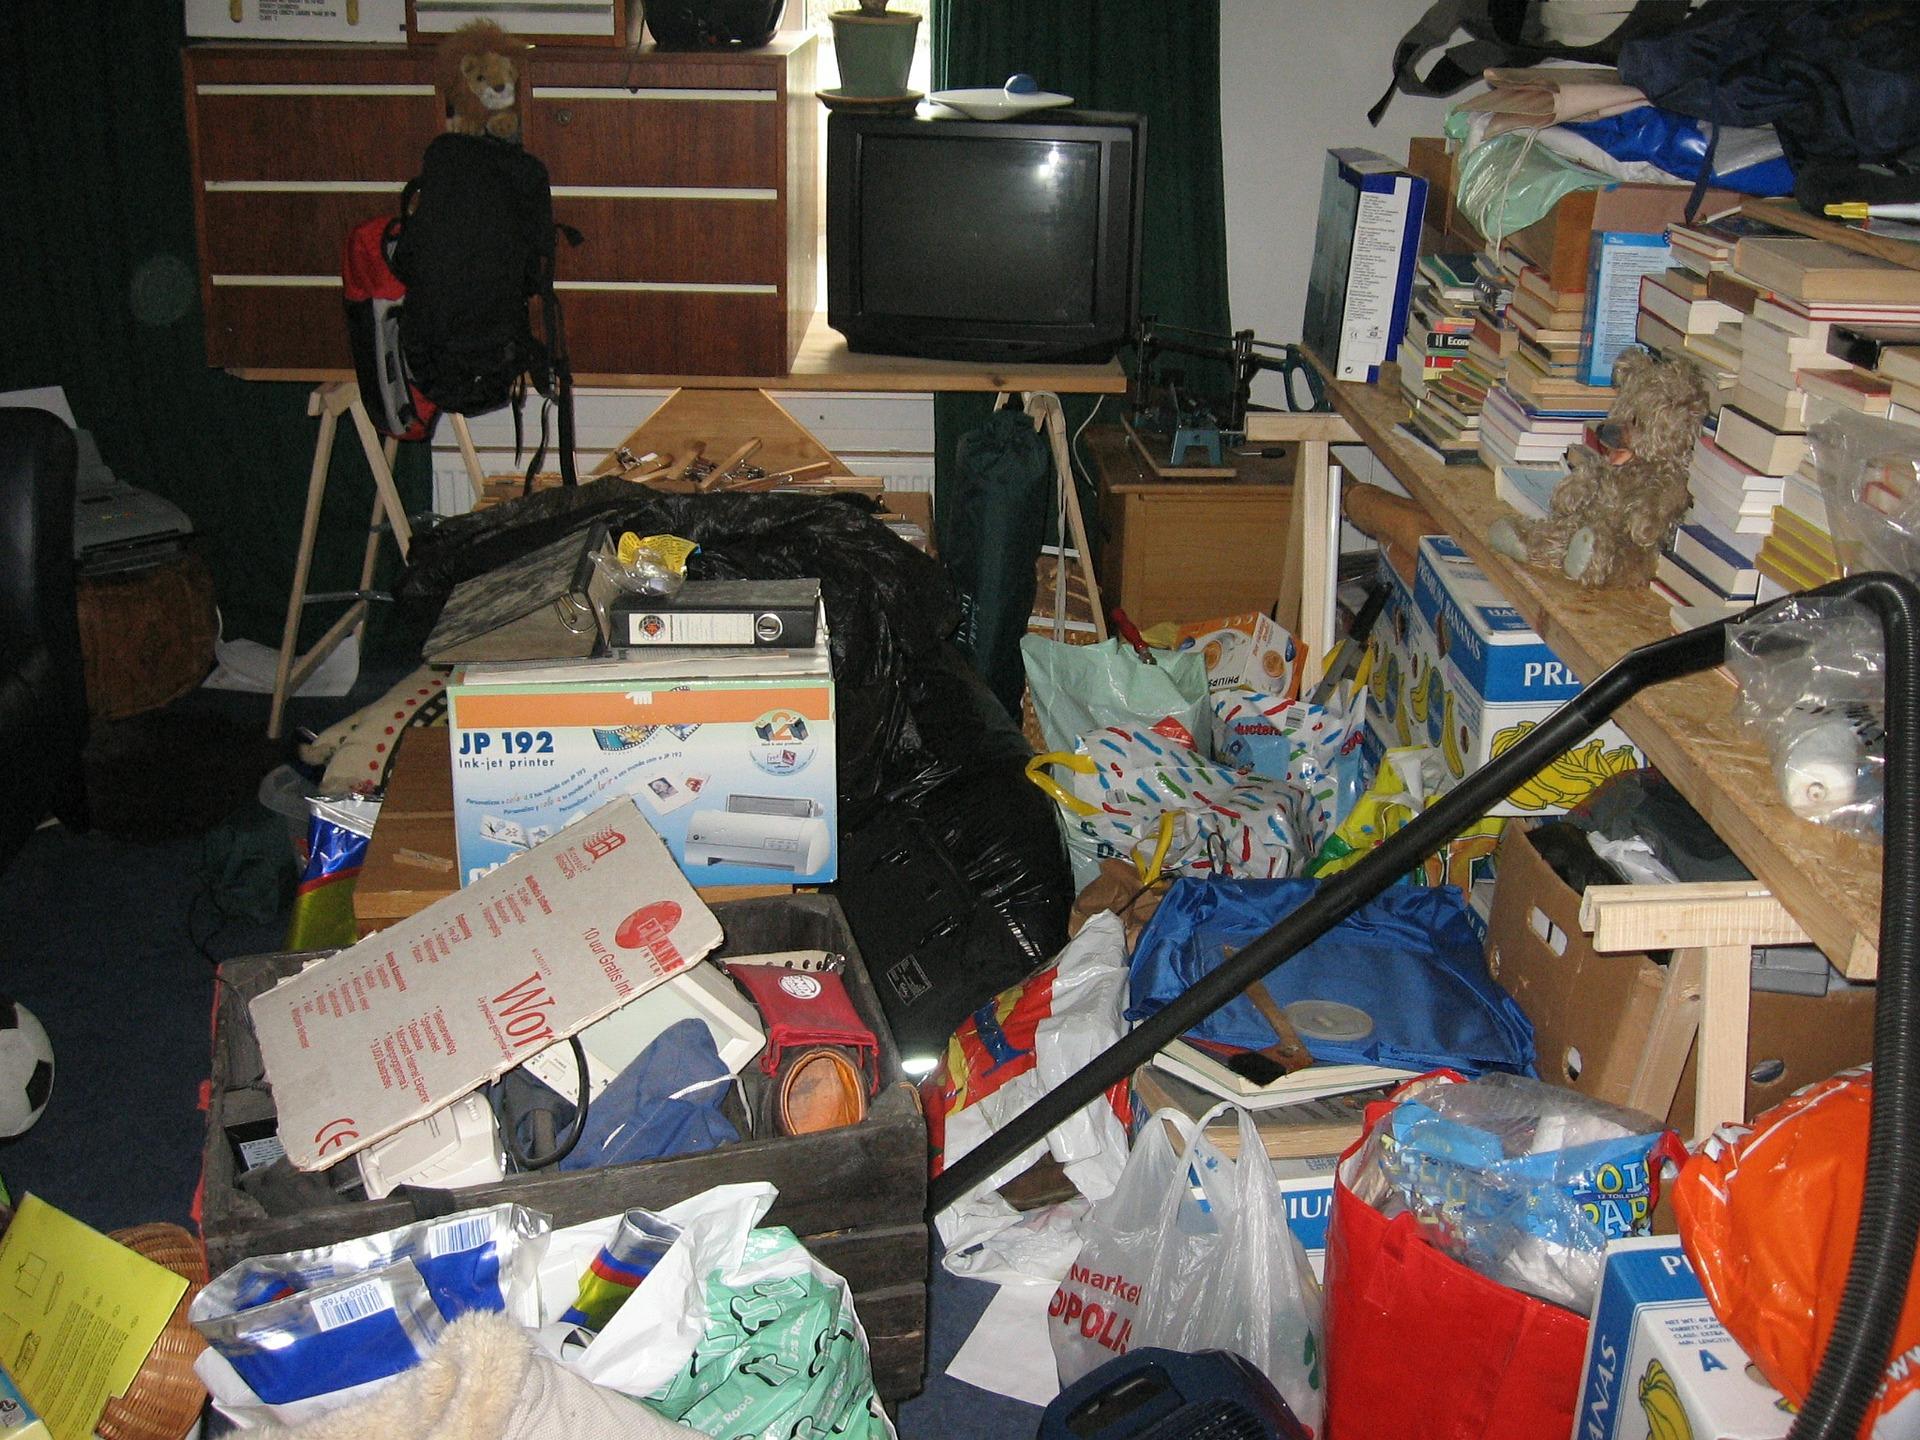 Trastorno Obsesión Compulsivo: Trastorno de acumulación